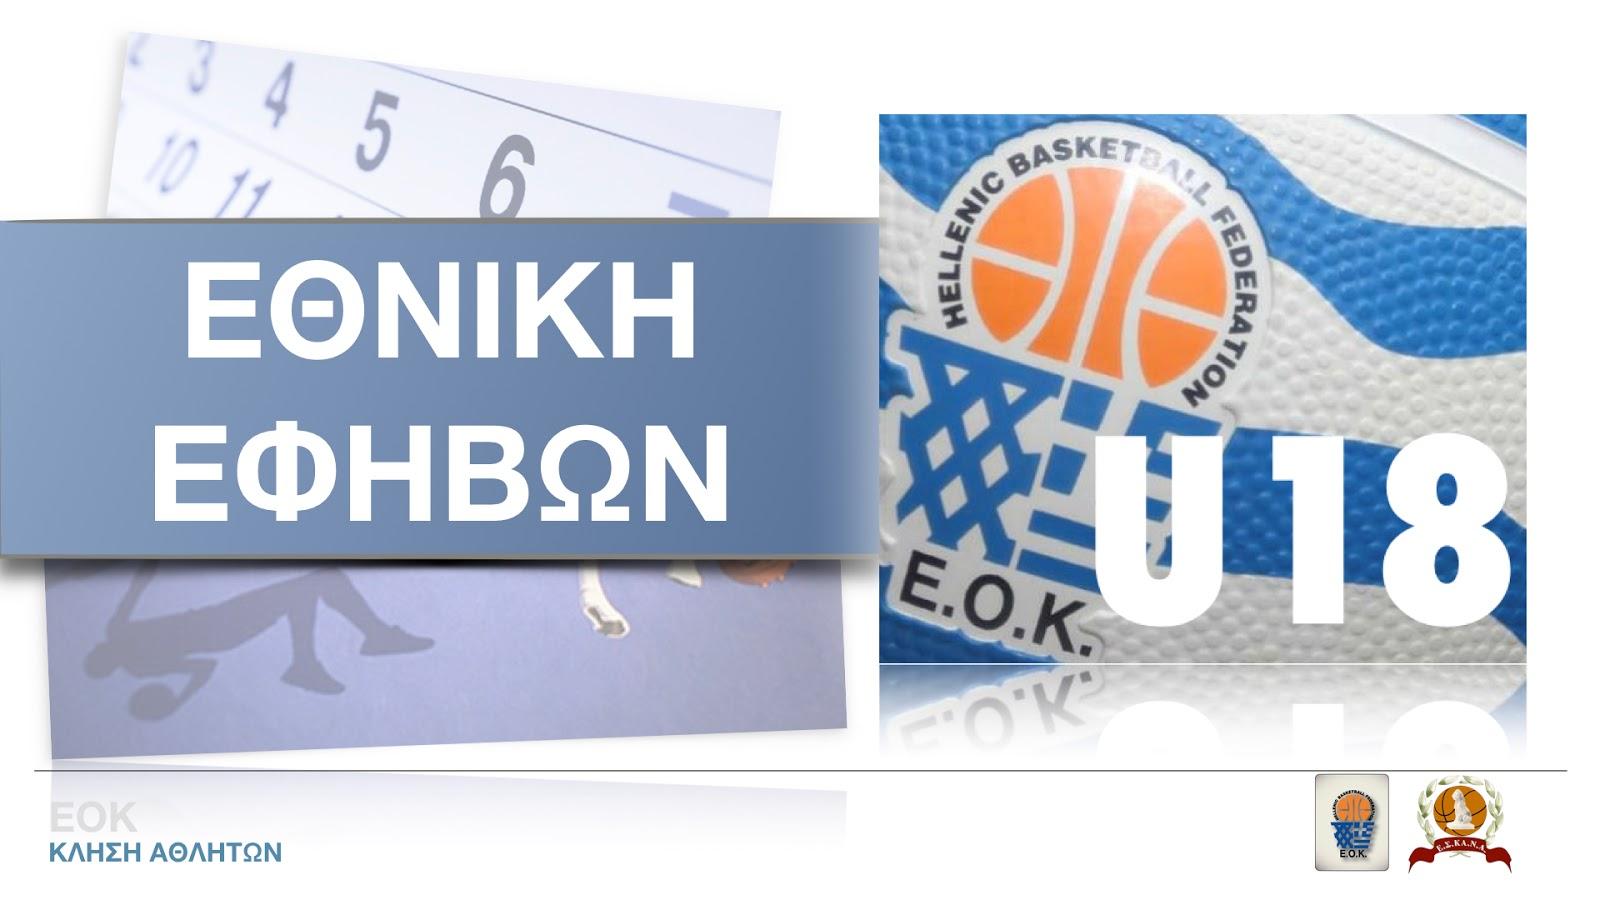 EOK | Εθνική Εφήβων: Δύο φιλικοί αγώνες (14 κ 15.07.18) προετοιμασίας στην Βουλγαρία. Ποιοι αθλητές μετέχουν στην αποστολή